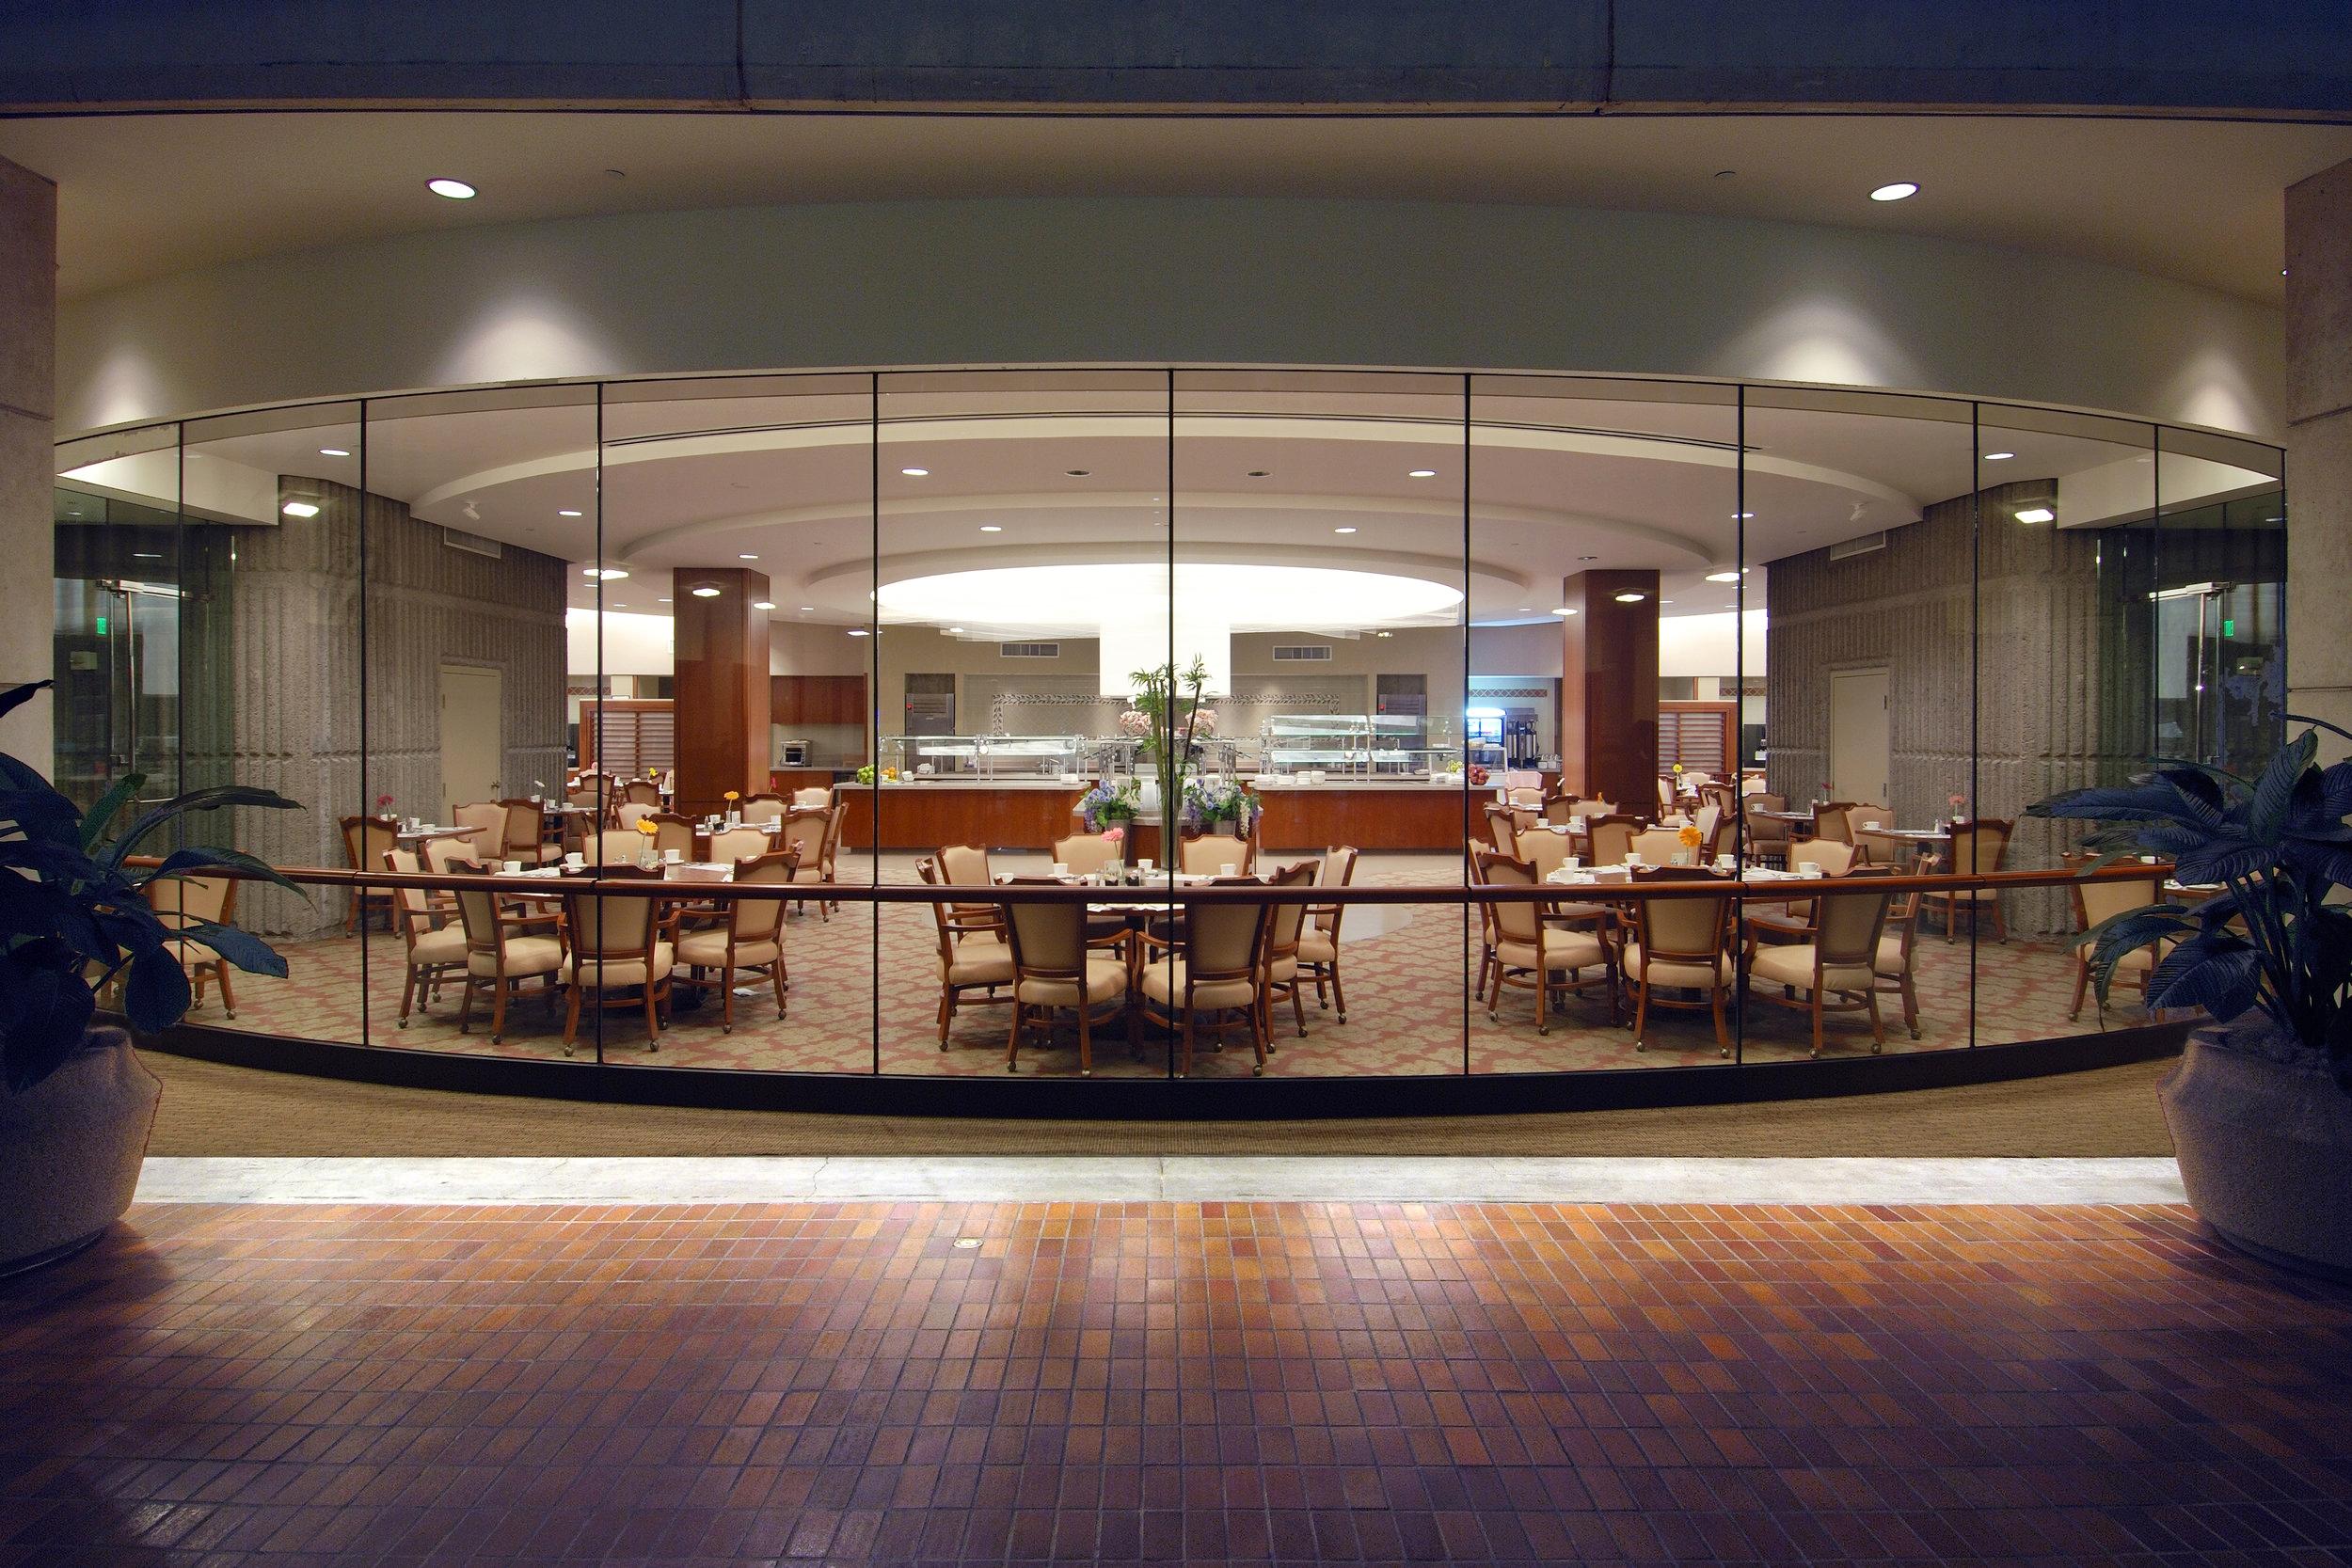 Sequoias Dining Room